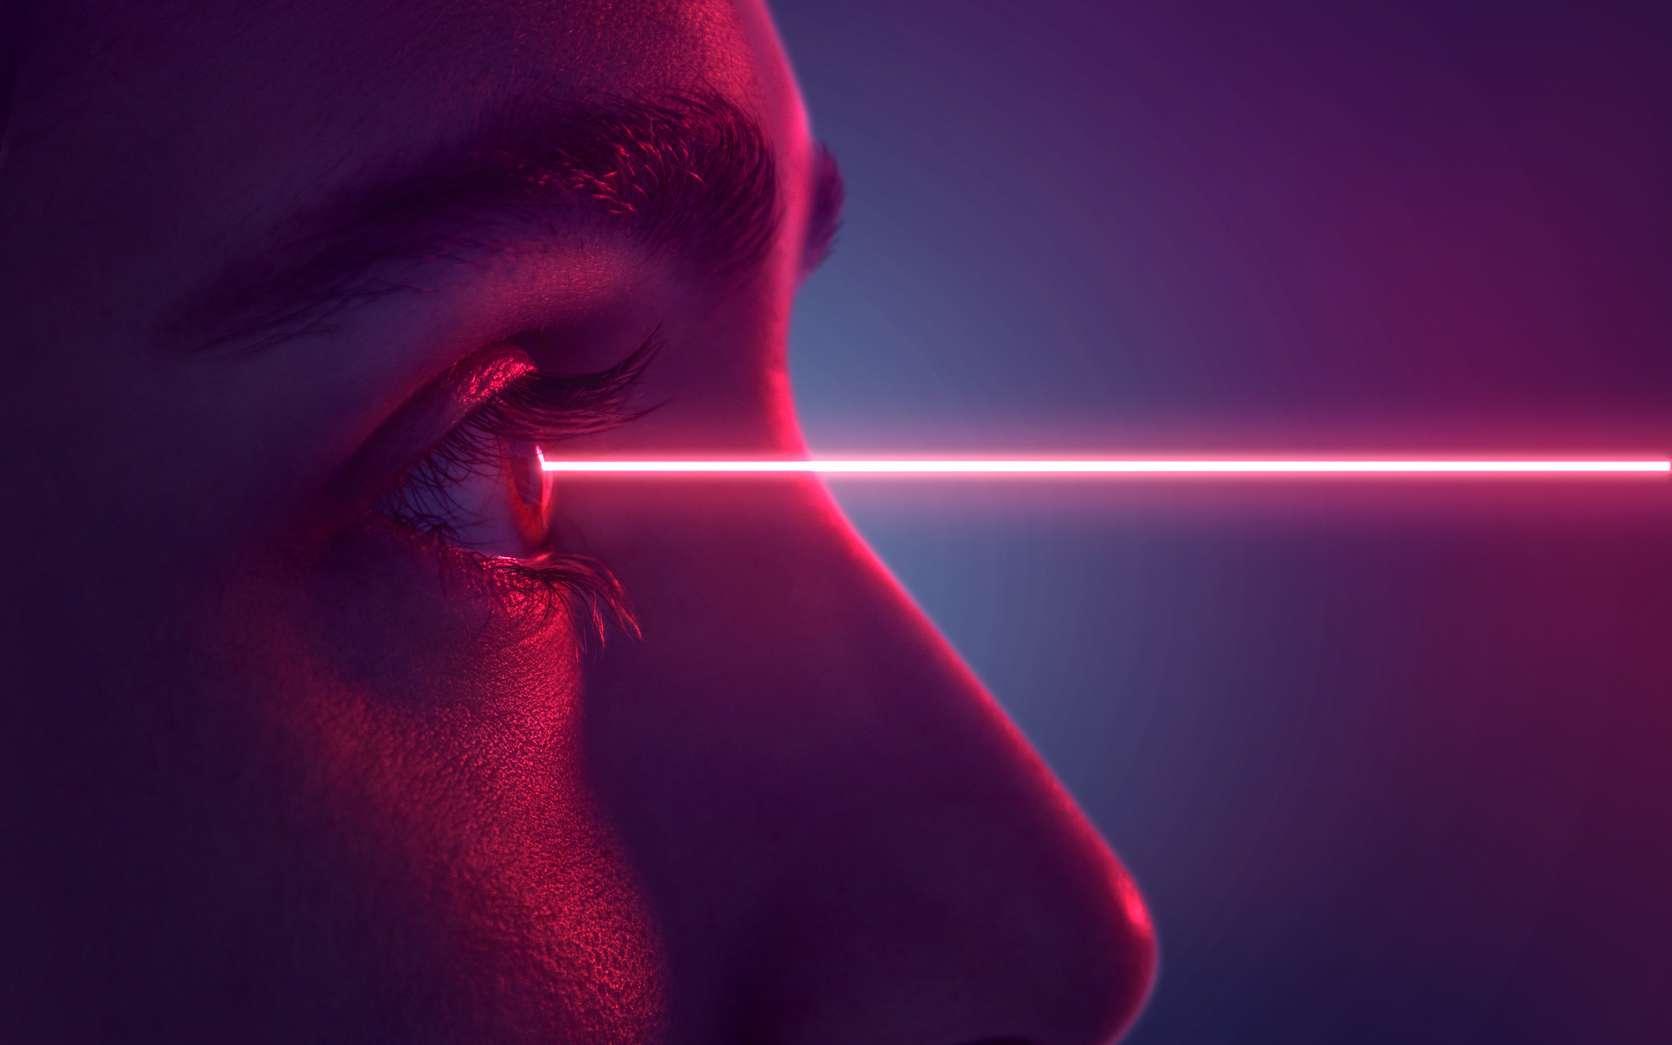 L'invention de chercheurs de l'université de Saint Andrews (Écosse) pourrait bientôt faire du rayon laser de Superman une réalité. © lassedesignen, Fotolia